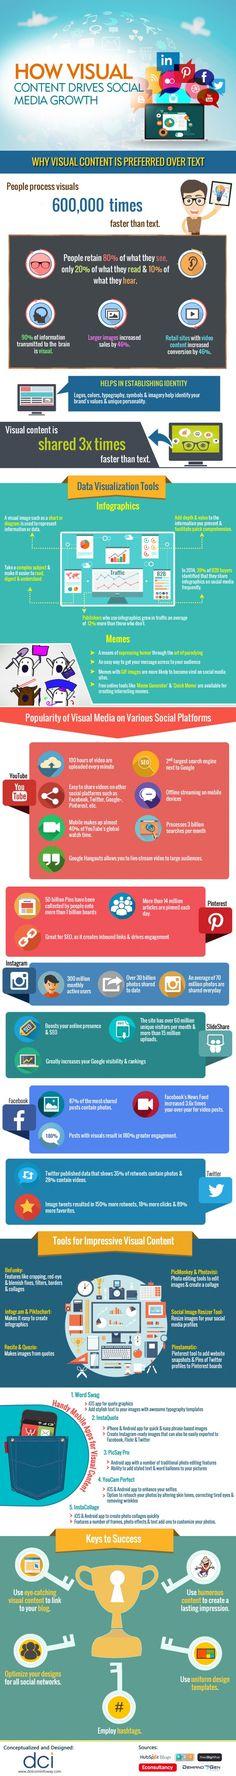 How visual content drives social media growth  - maak zelf de beste visuele content met deze handige tips & tricks infographic